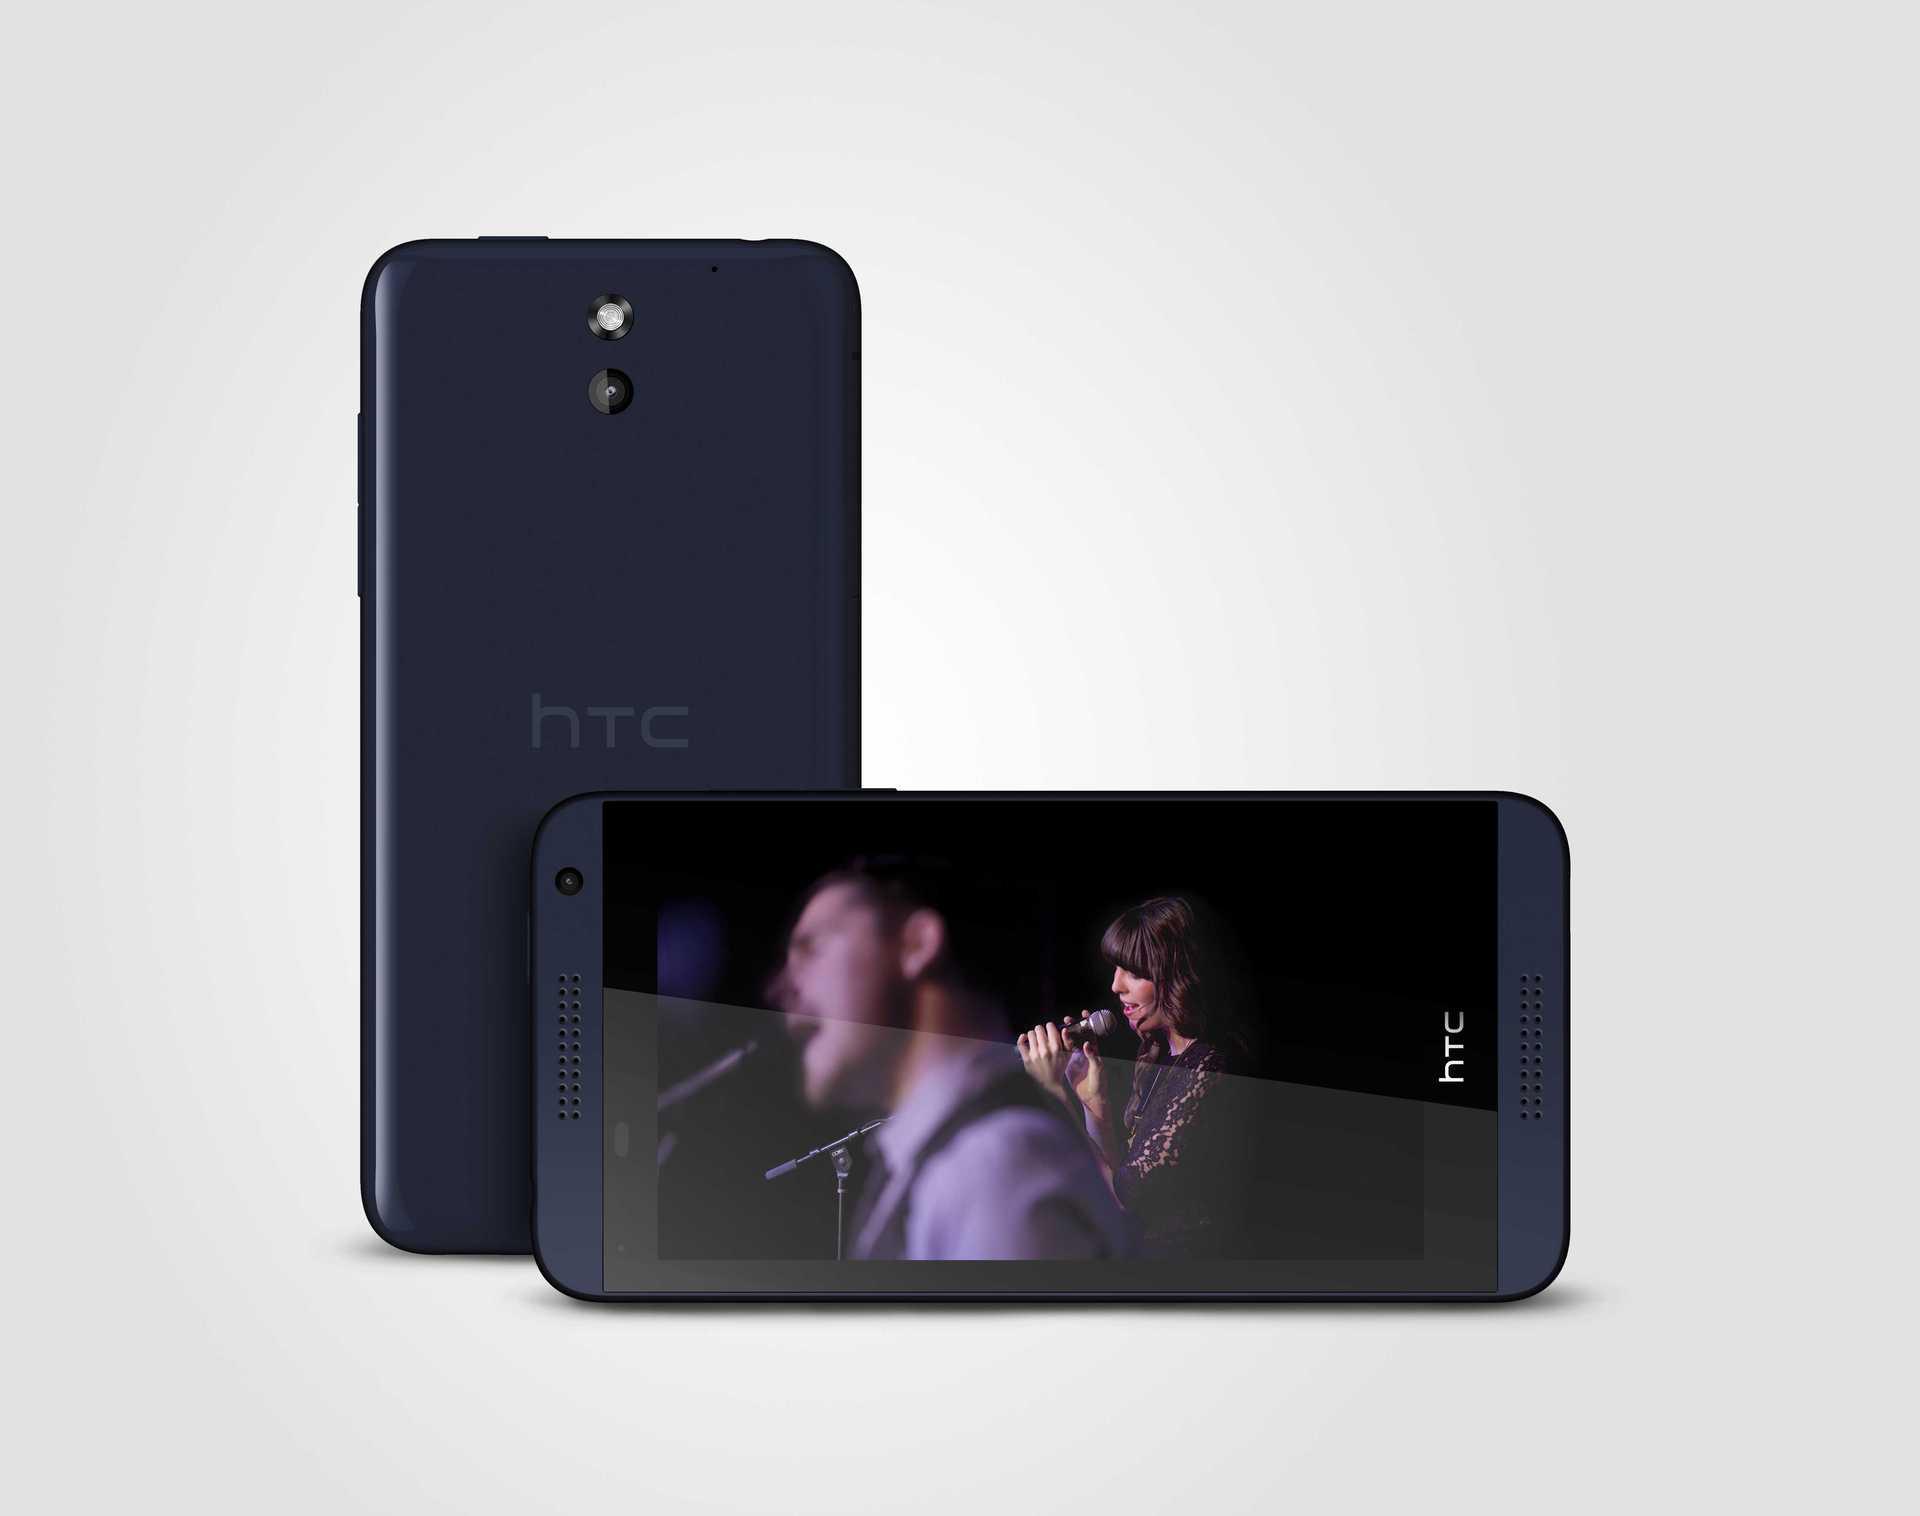 HTC annuncia ufficialmente due nuovi smartphone: Desire 816 e Desire 610